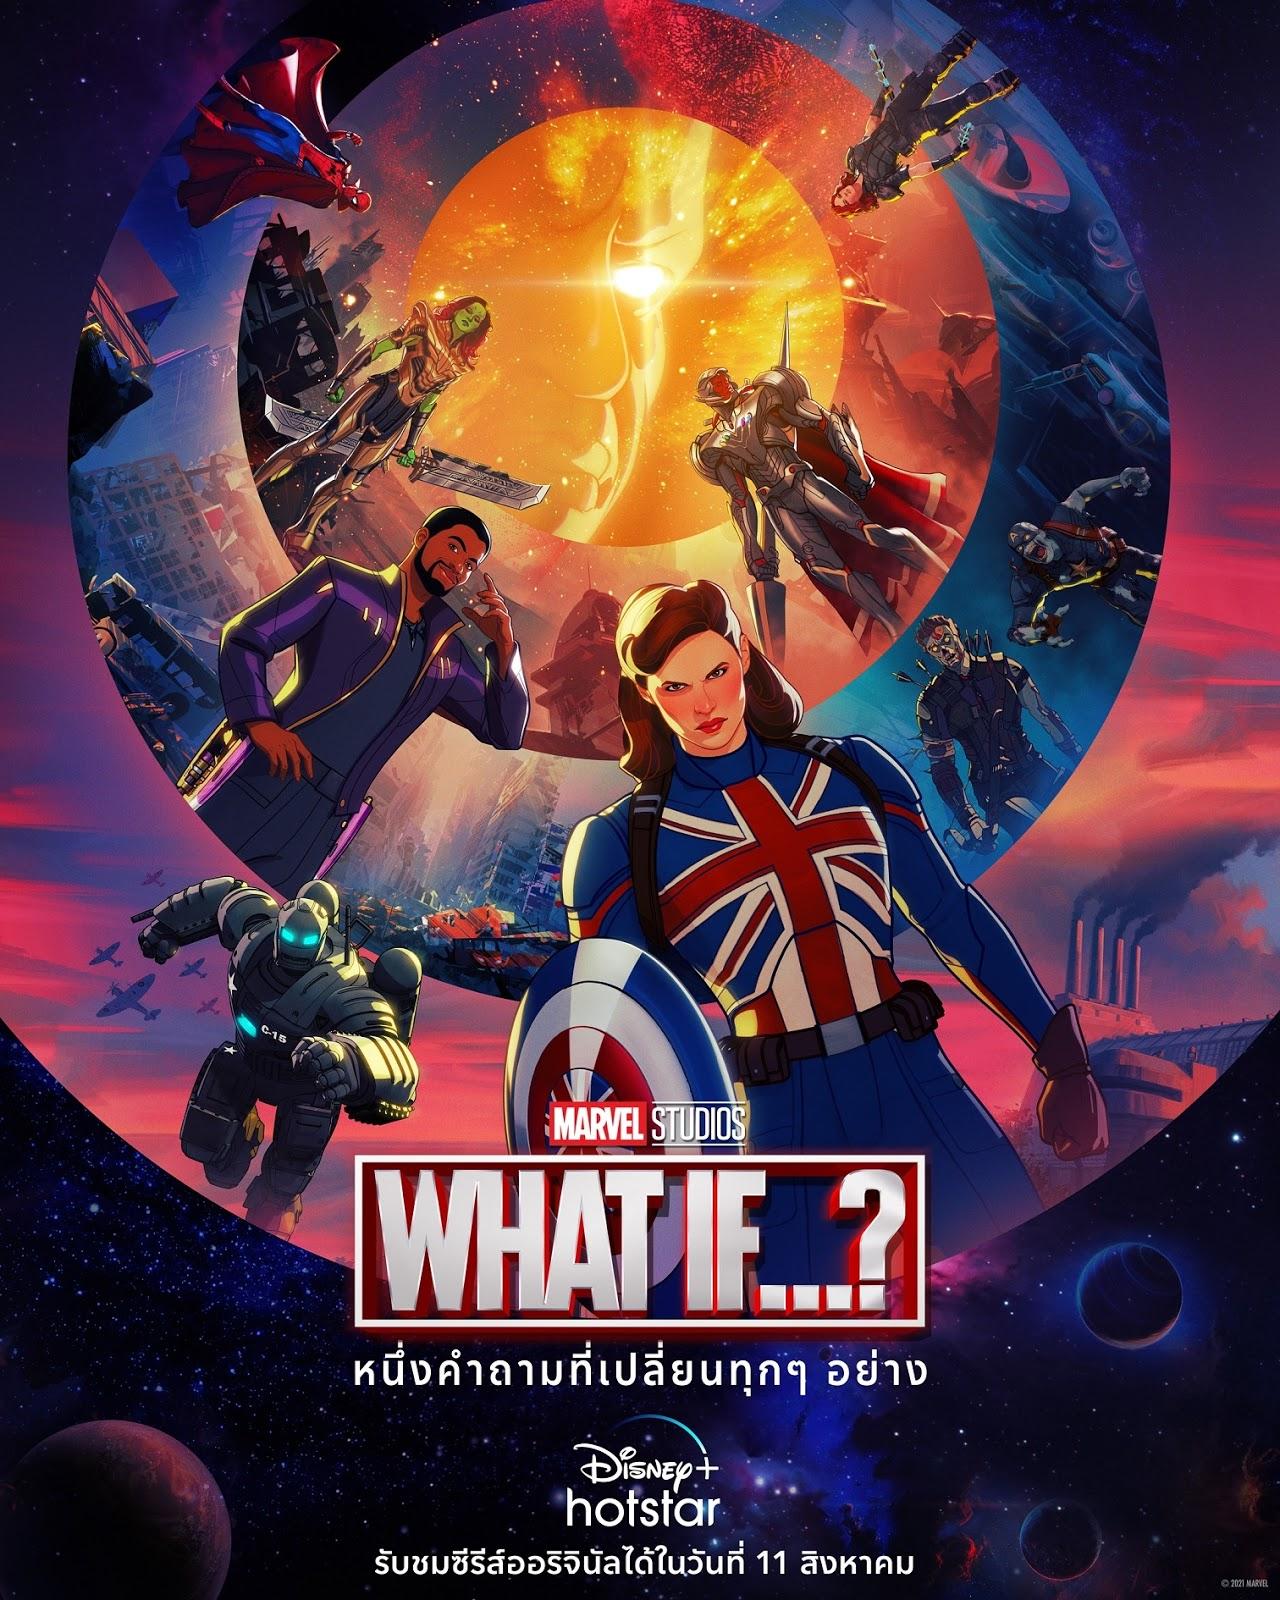 WHAT IF…? ซีรีส์ใหม่จาก MARVEL เตรียมเปิดตัวทาง Disney+ Hotstar 11 สิงหาคมนี้ ซีรีส์แอนิเมชั่นเรื่องแรกจากมาร์เวล